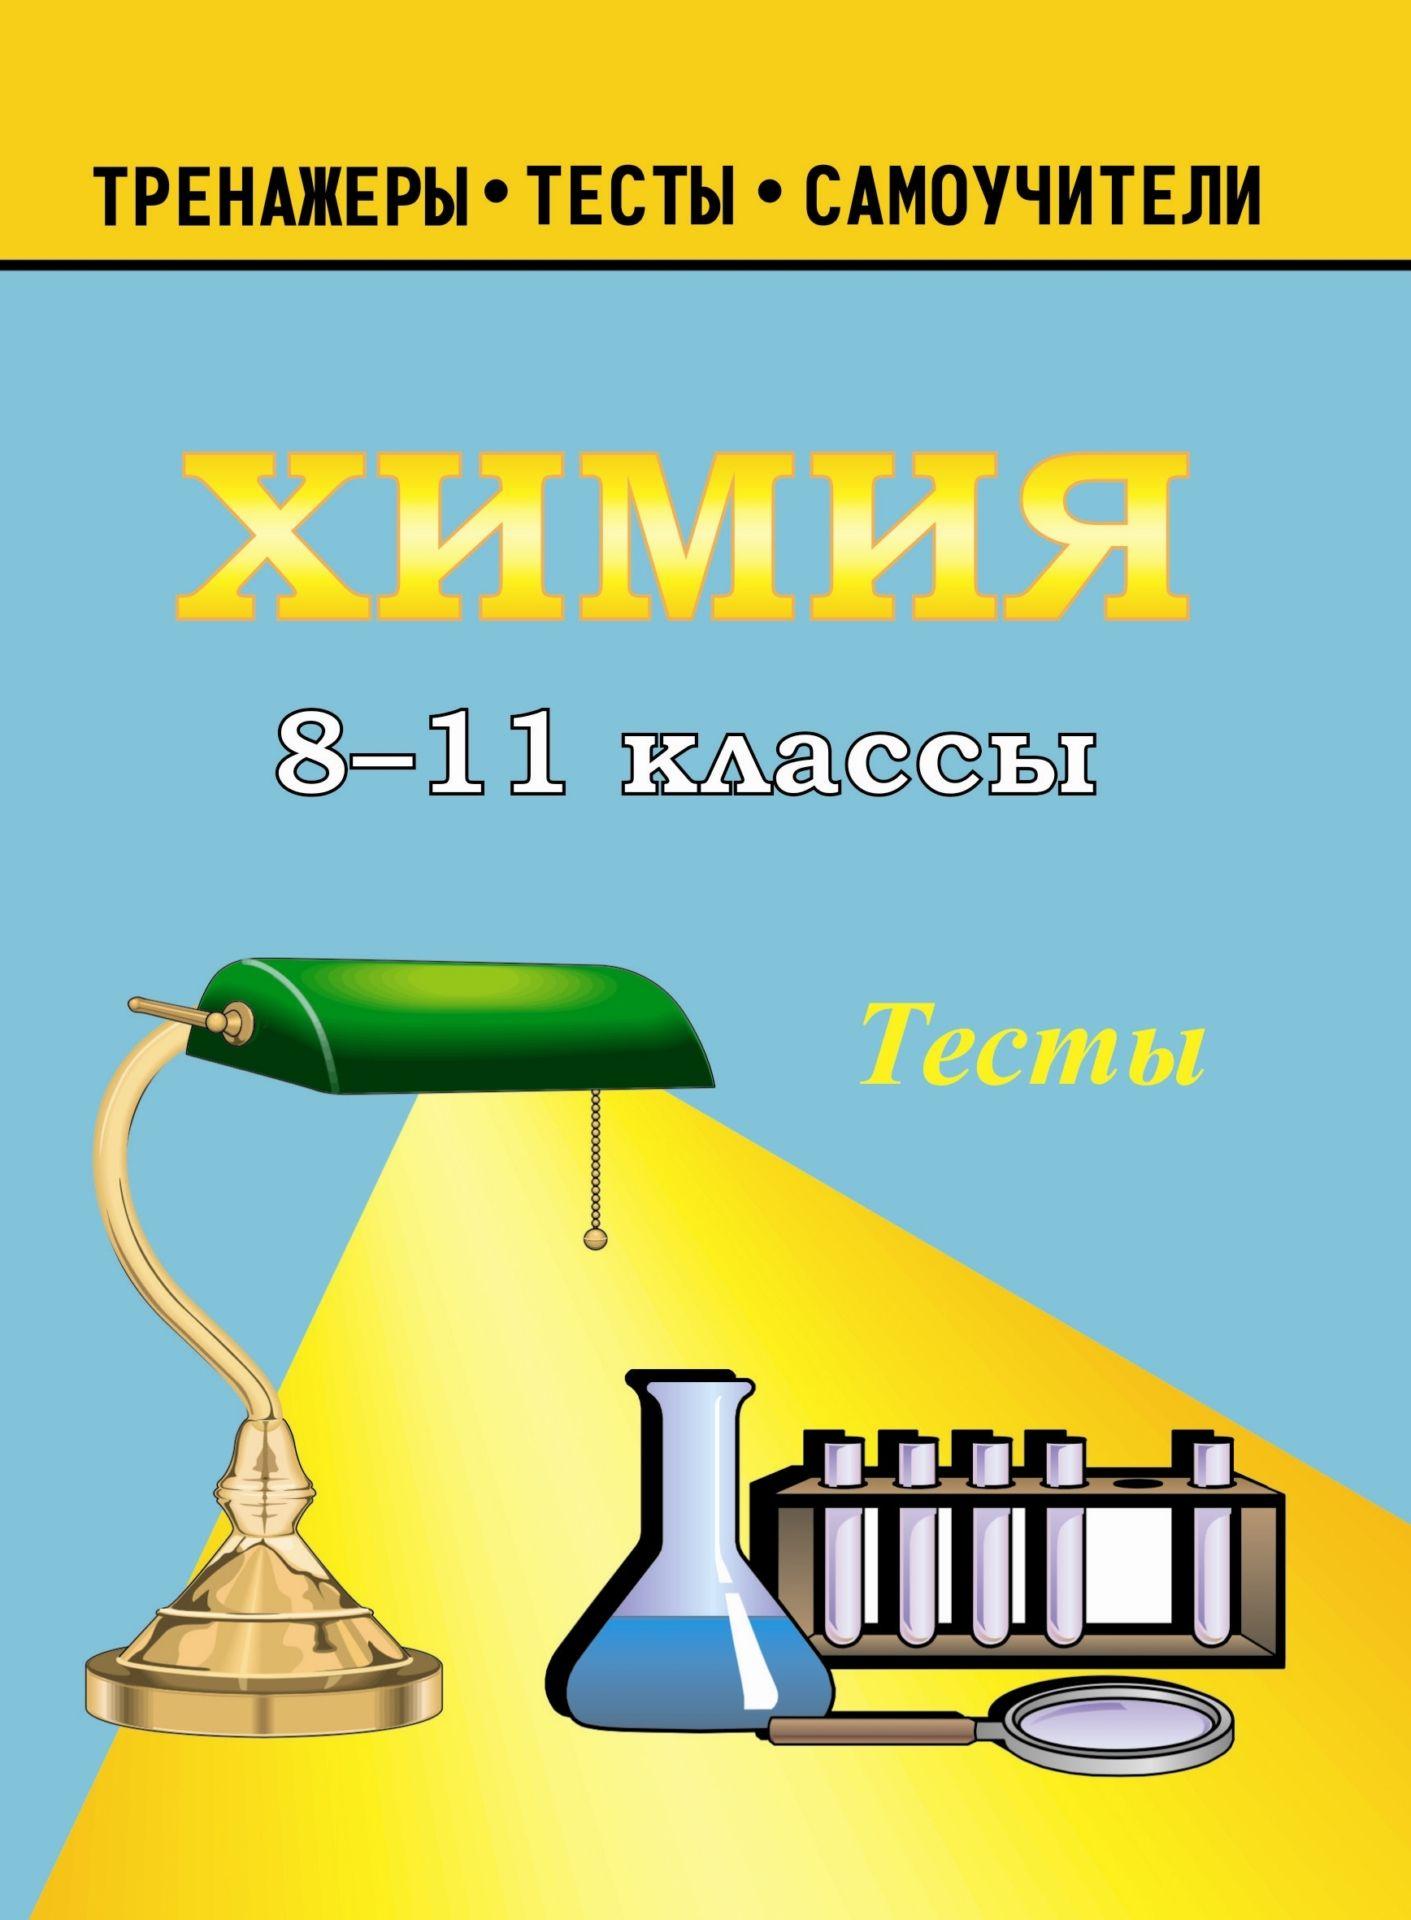 Тесты по химии. 8-11 клПредметы<br>Пособие содержит тестовые задания по химии. В нем представлены основные темы по общей, неорганической и органической химии.Темы и их последовательность полностью соответствуют программам по химии для 8–11 классов общеобразовательных школ, гимназий и лицее...<br><br>Авторы: Савин Г. А.<br>Год: 2005<br>Серия: Тренажеры. Тесты. Самоучители<br>ISBN: 5-88844-089-2